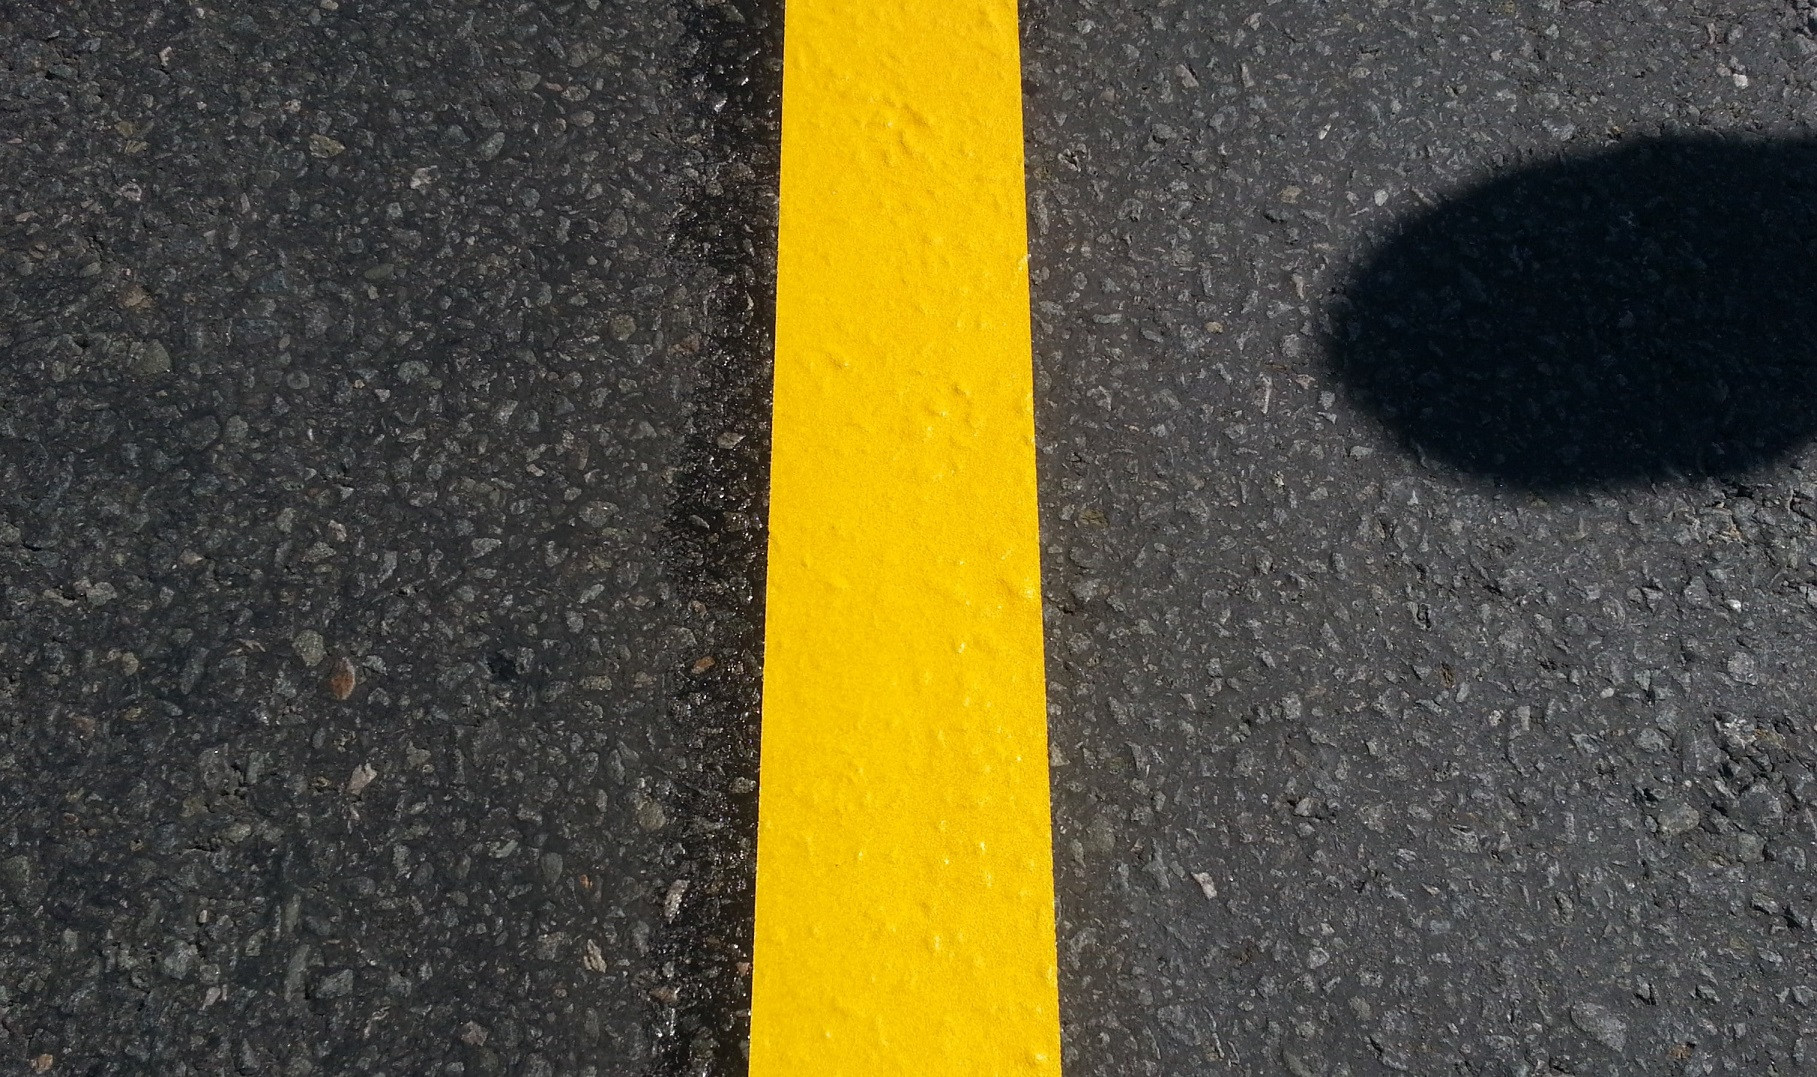 Временна организация на движението с лента за пътна маркировка оранжев цвят